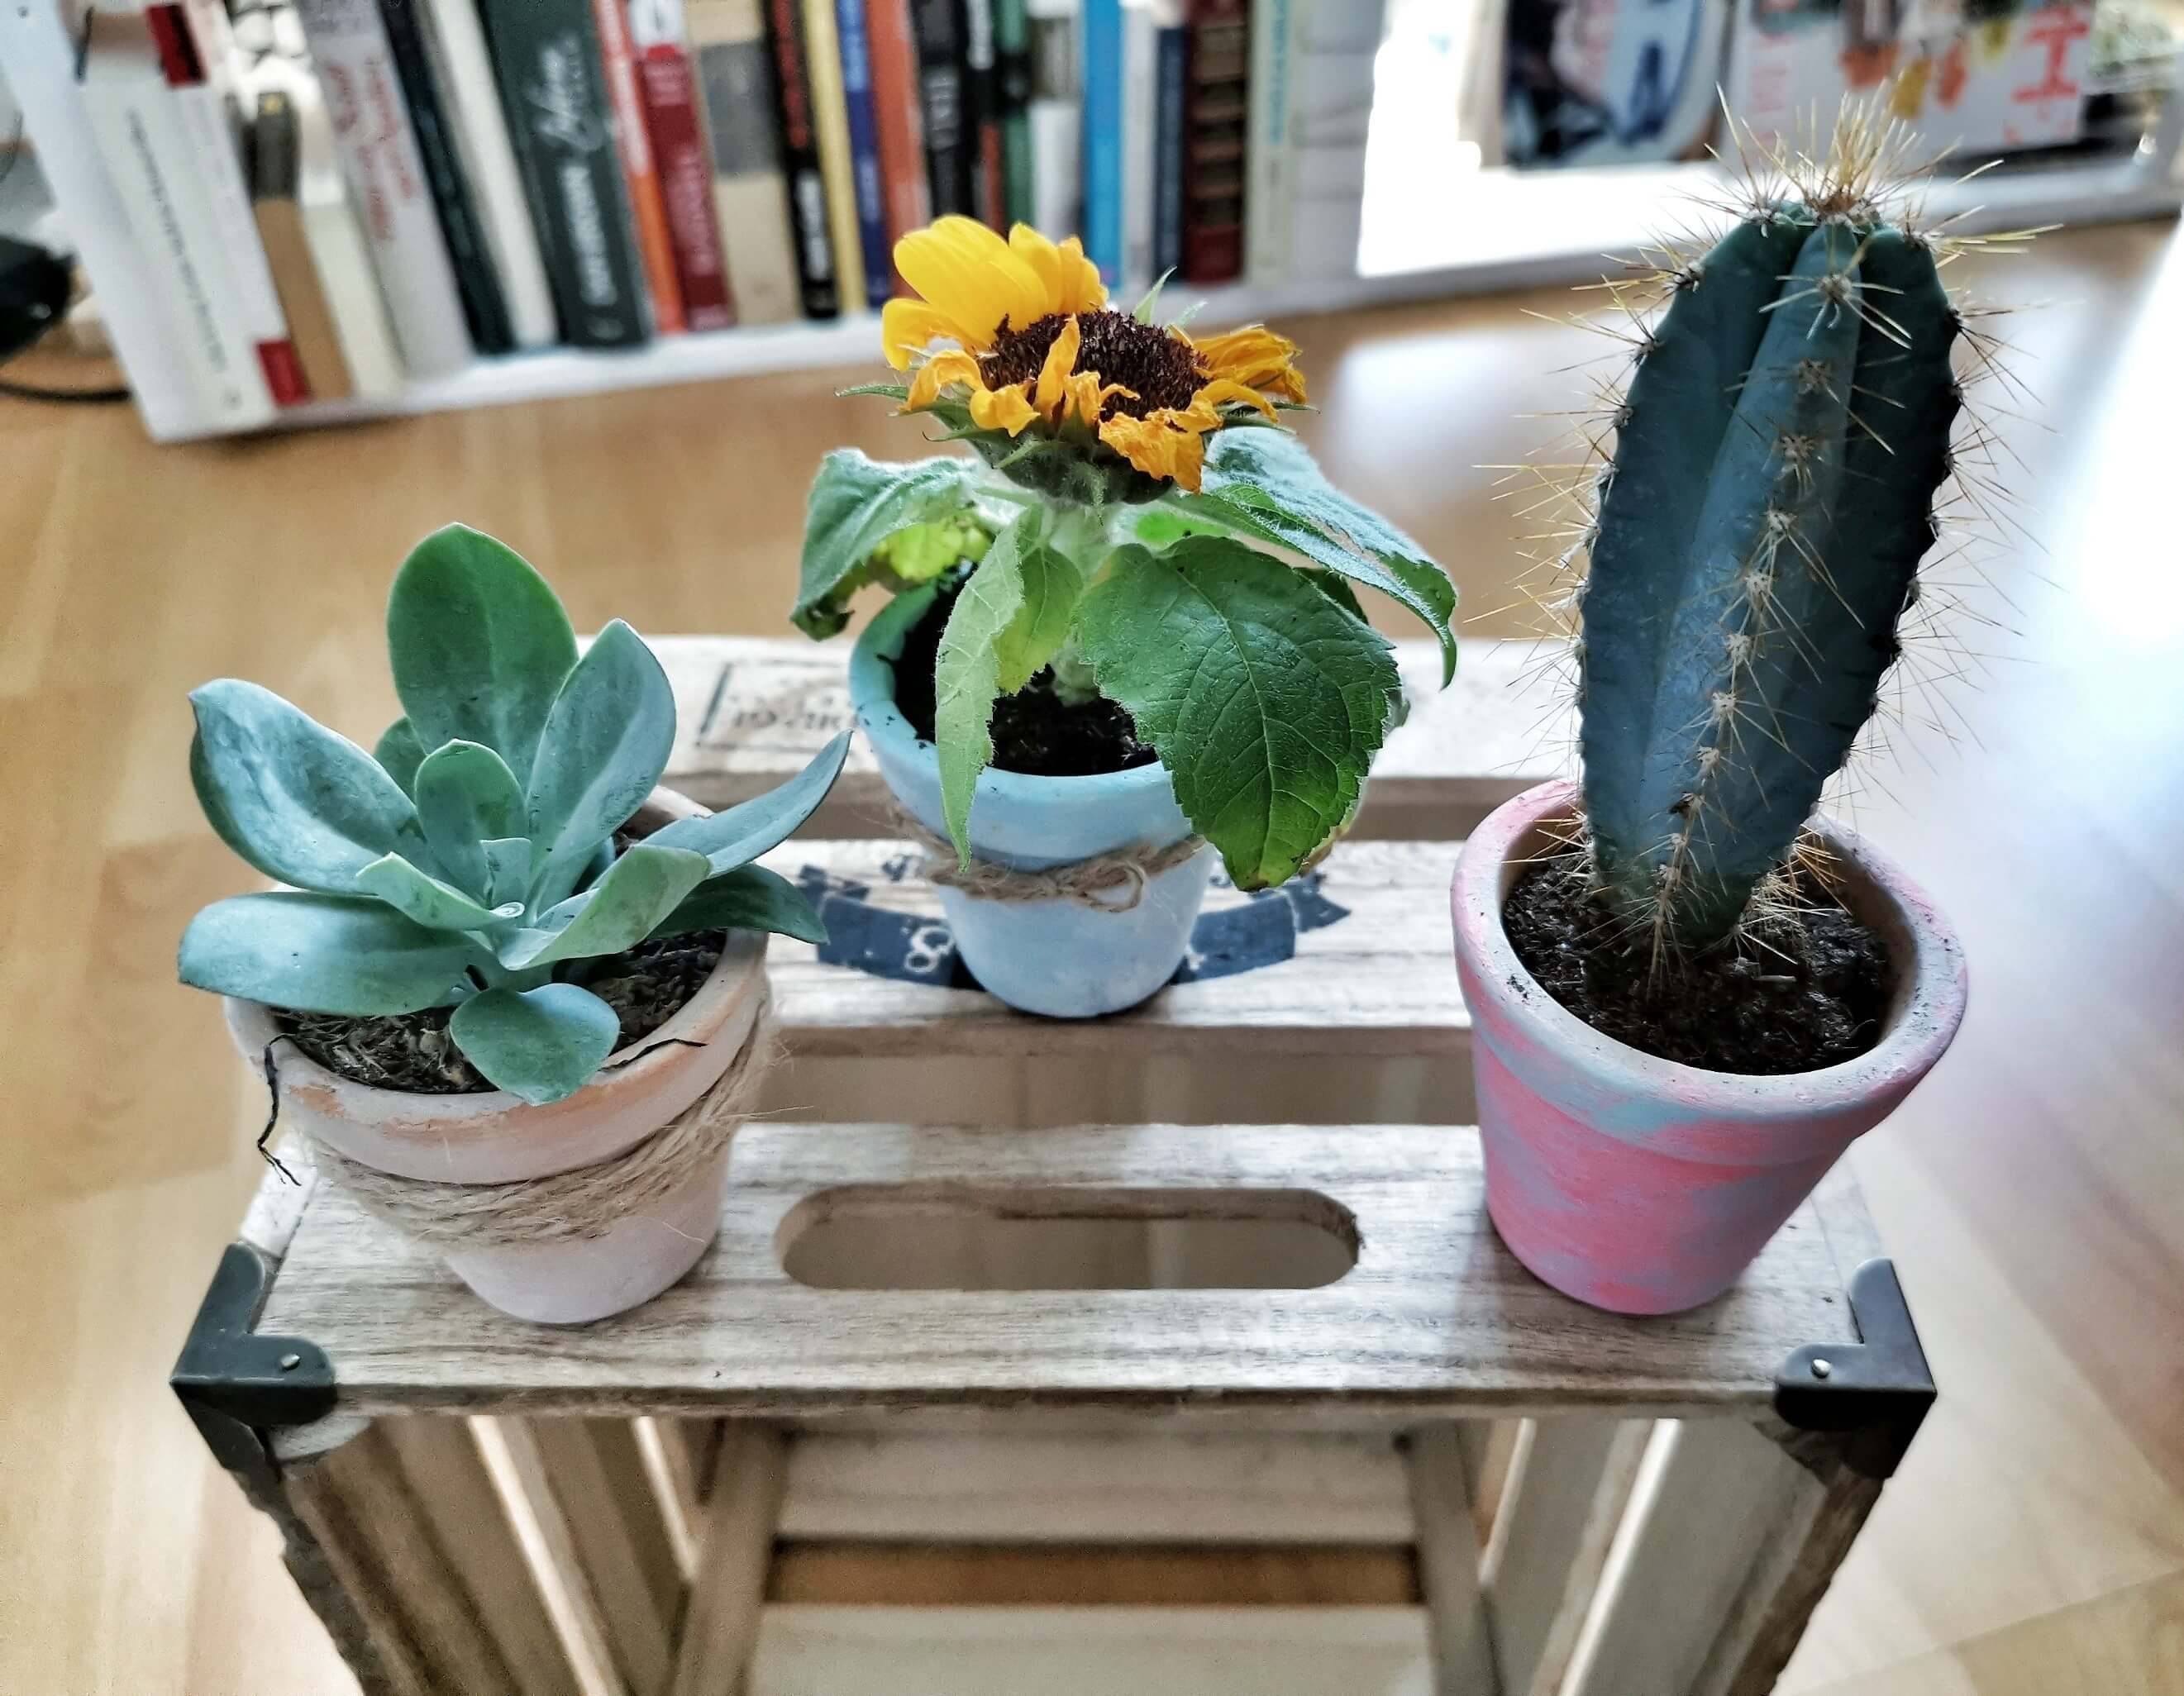 IMG 20190612 130914 01 resized 20190612 062904895 - Recyklujeme kreatívne: Kvetináče v piatich rôznych štýloch